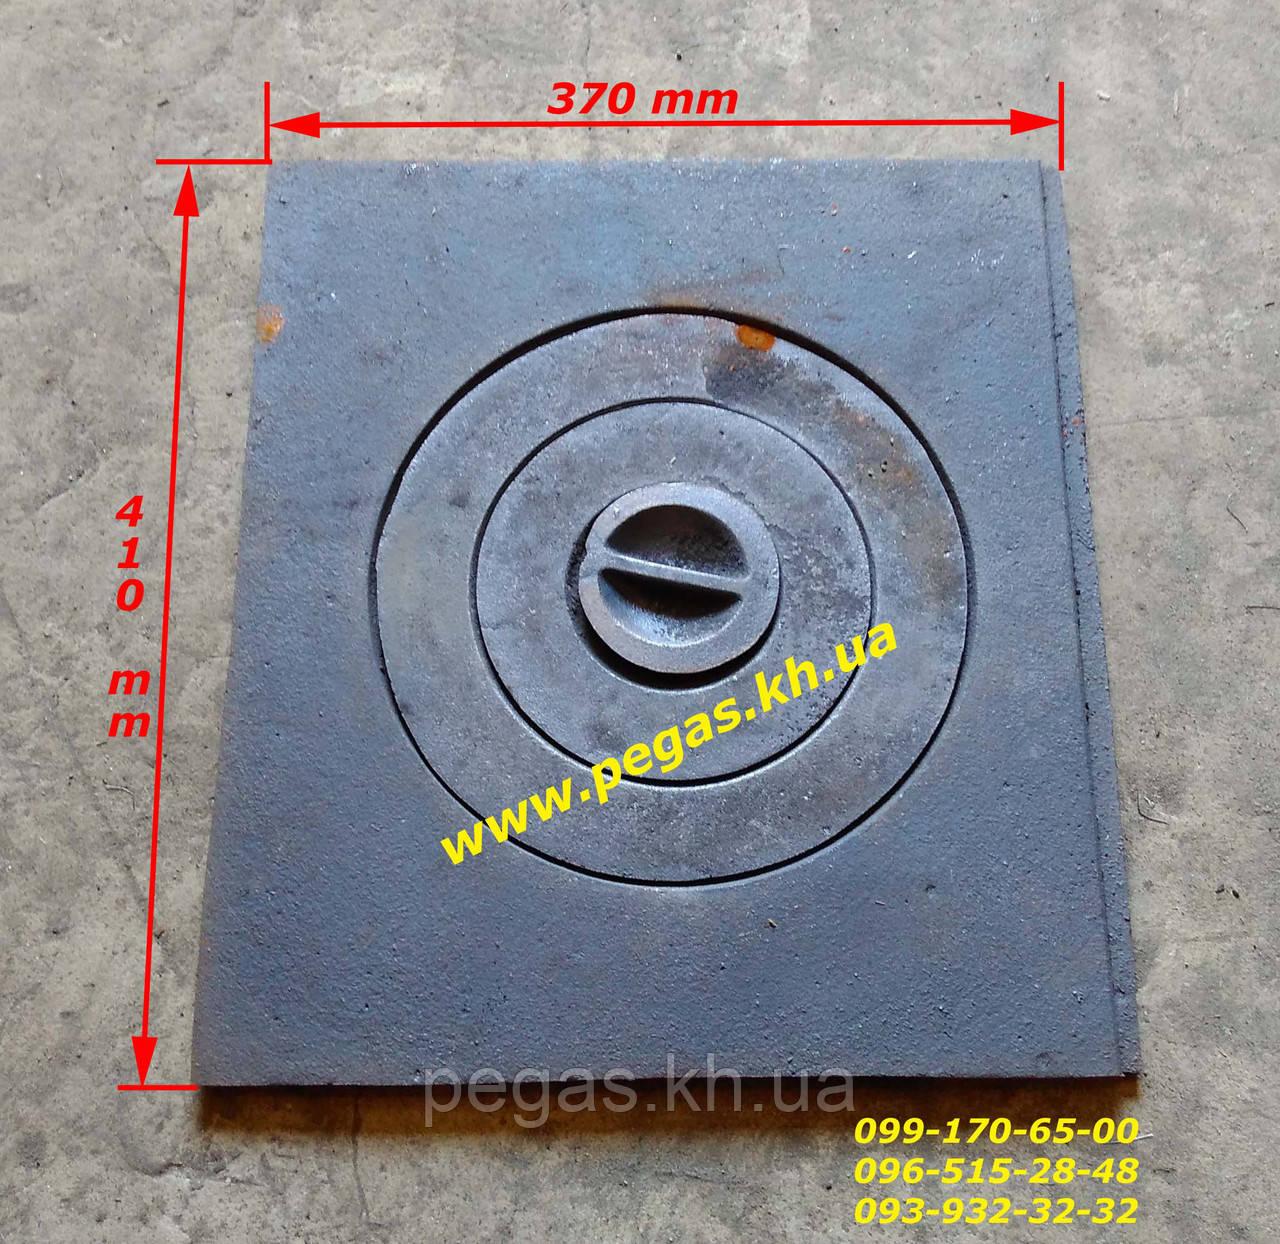 Плита чавунна (370х410 мм) печі, грубу, барбекю, мангал, котли